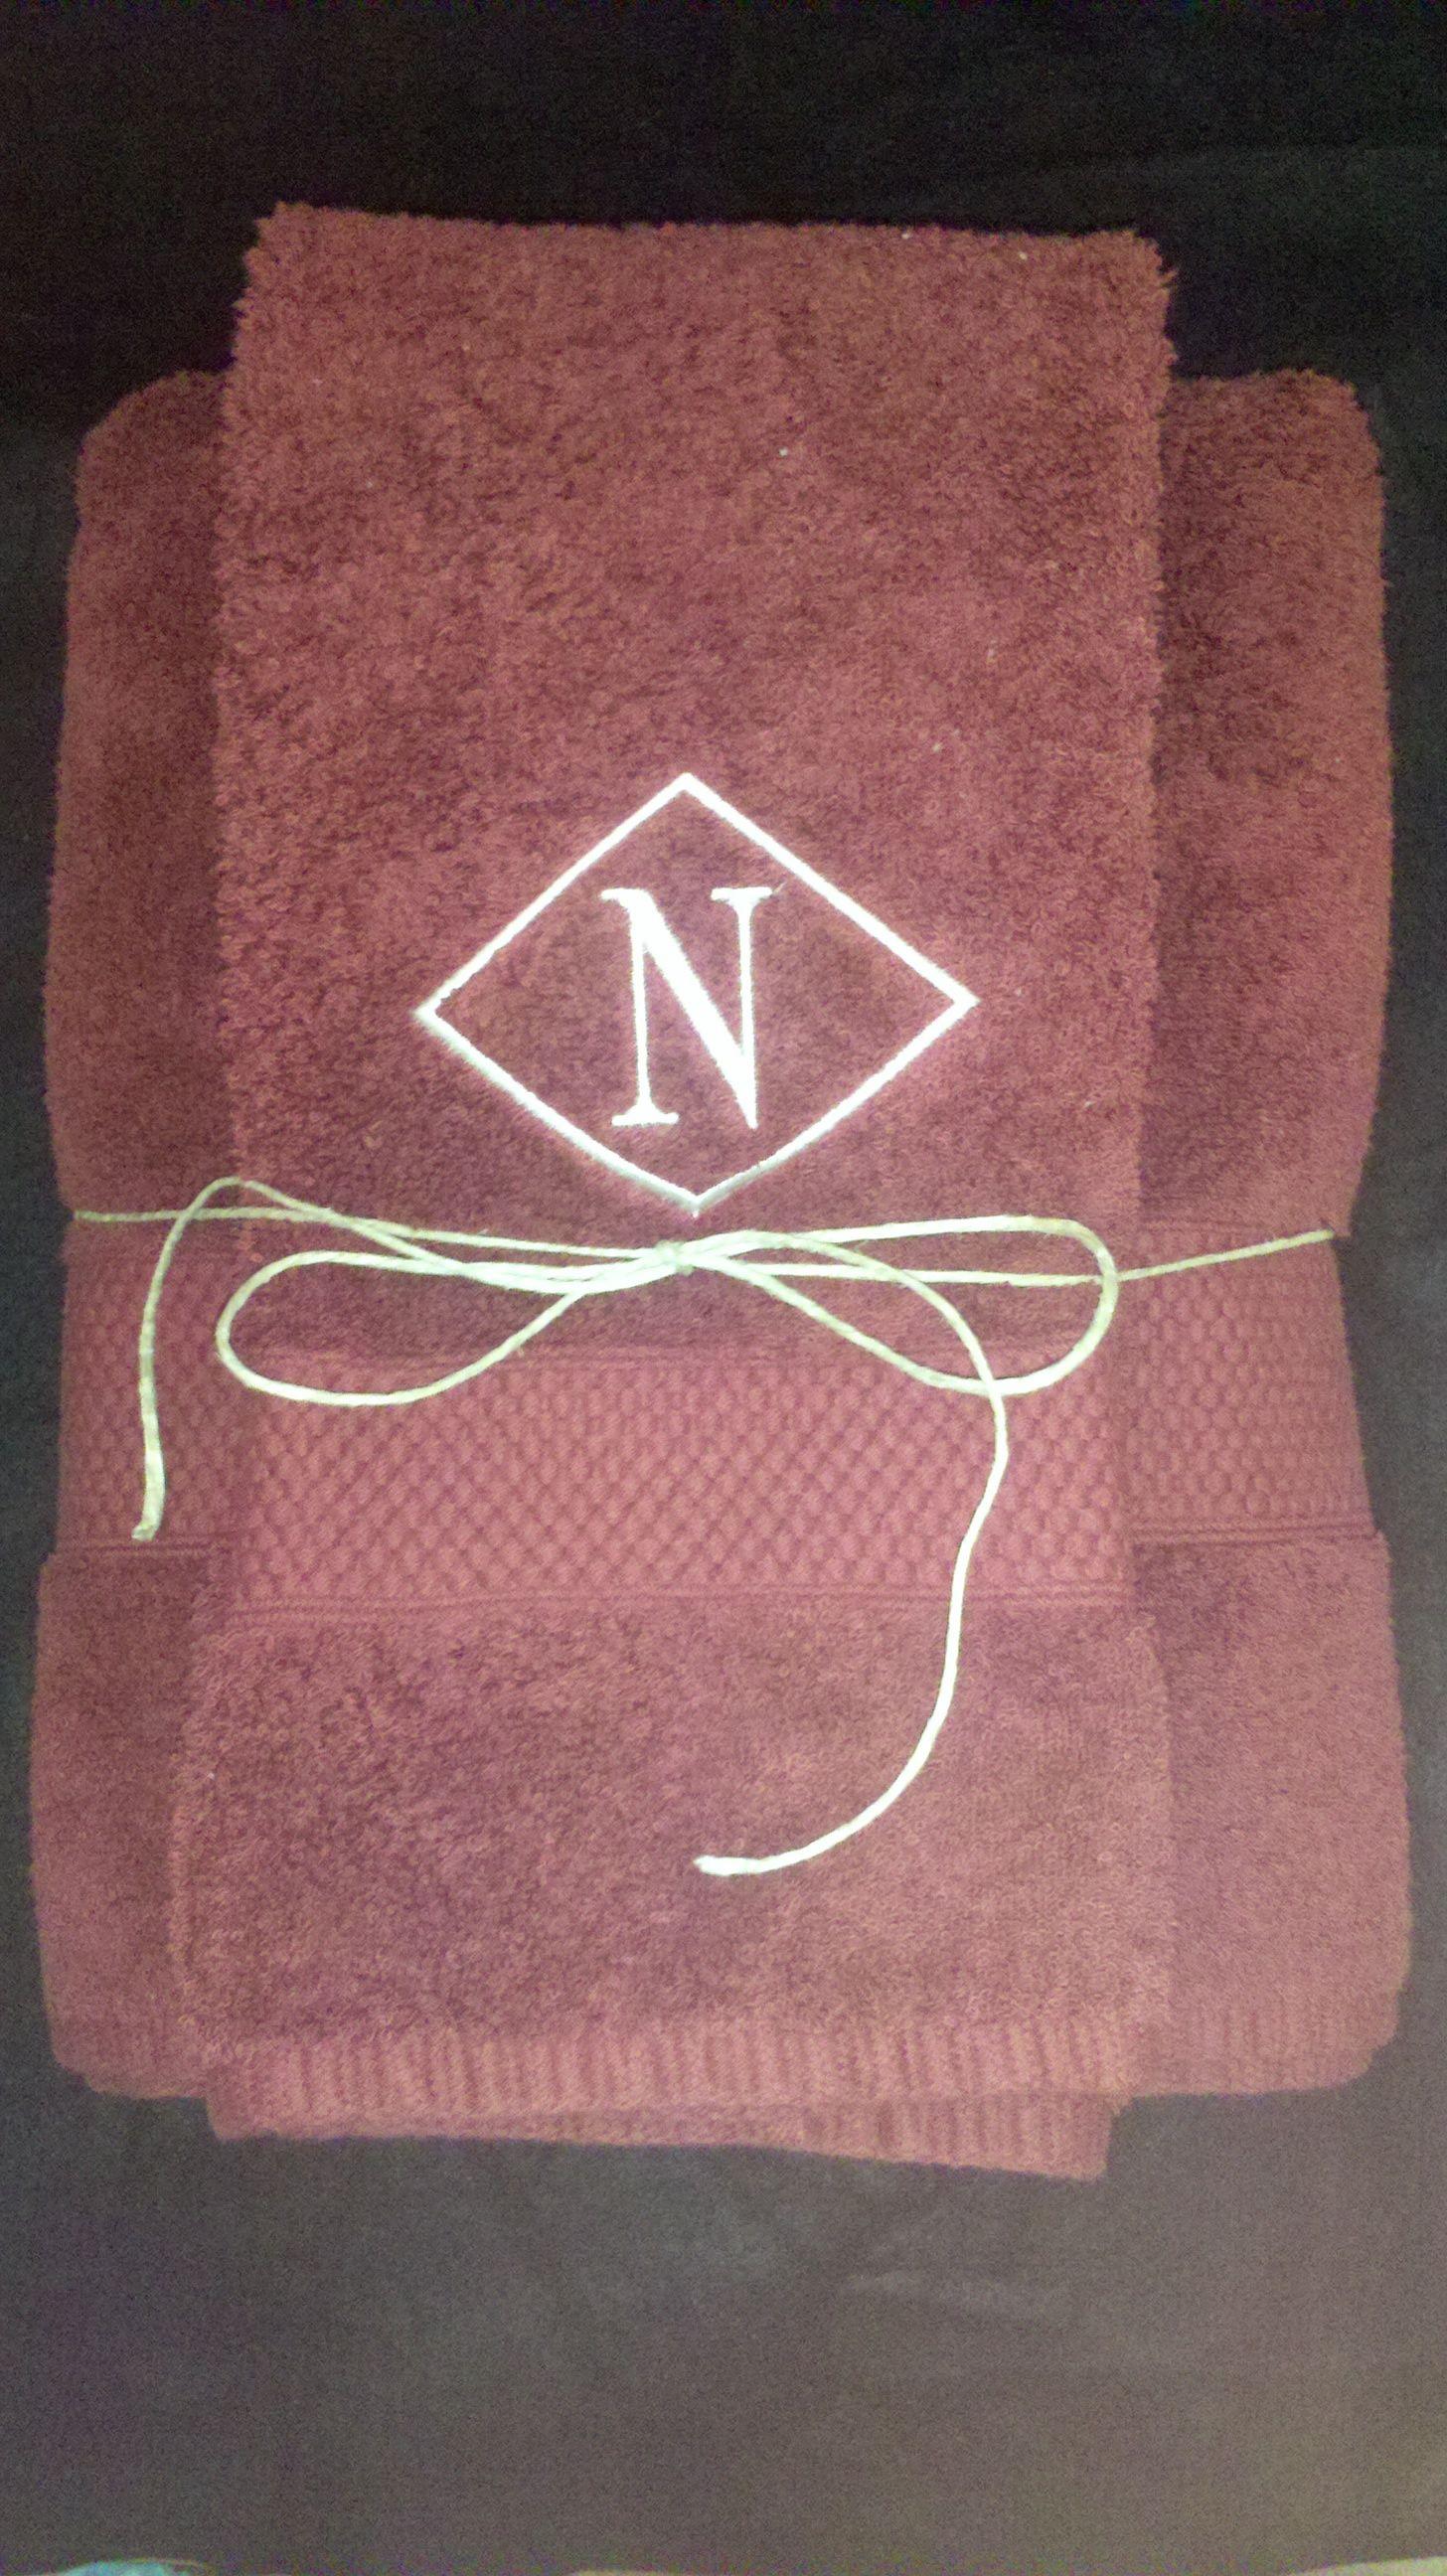 Monogrammed towels | Monogramming | Pinterest | Towels